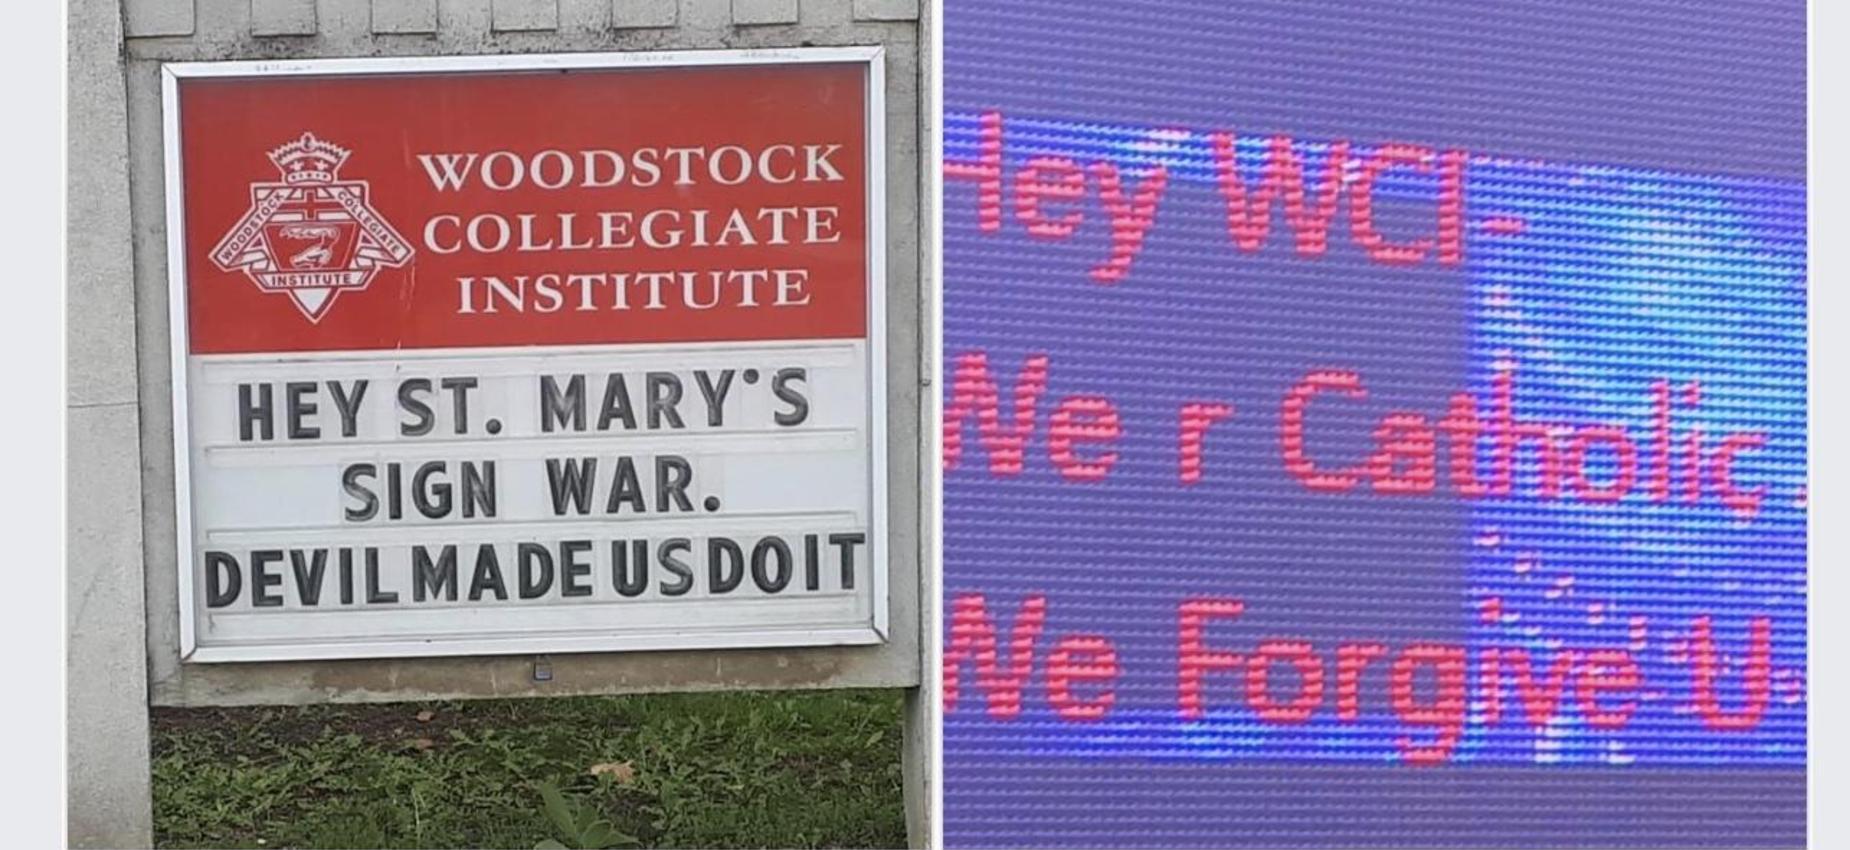 Sign wars Woodstock schools